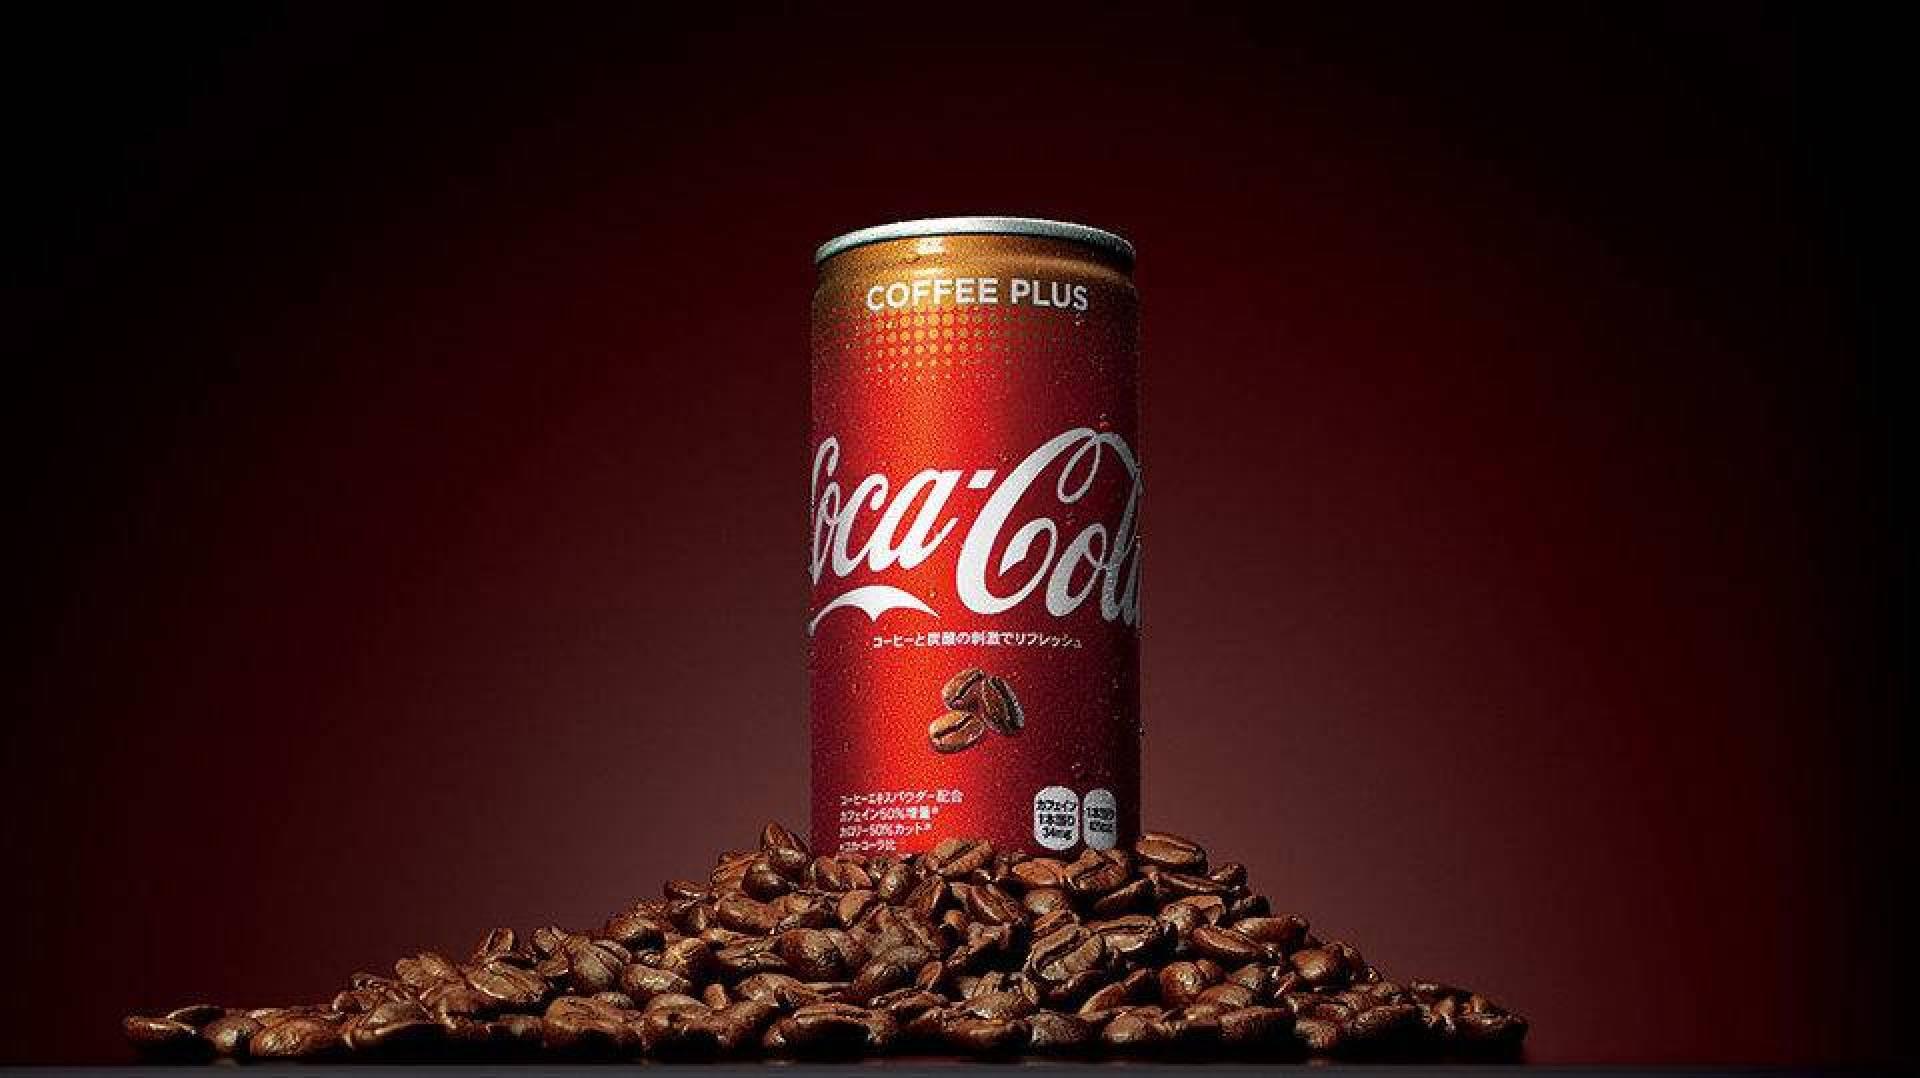 مشروب «كولا بالقهوة» يضرب المتاجر الأميركية يناير المقبل